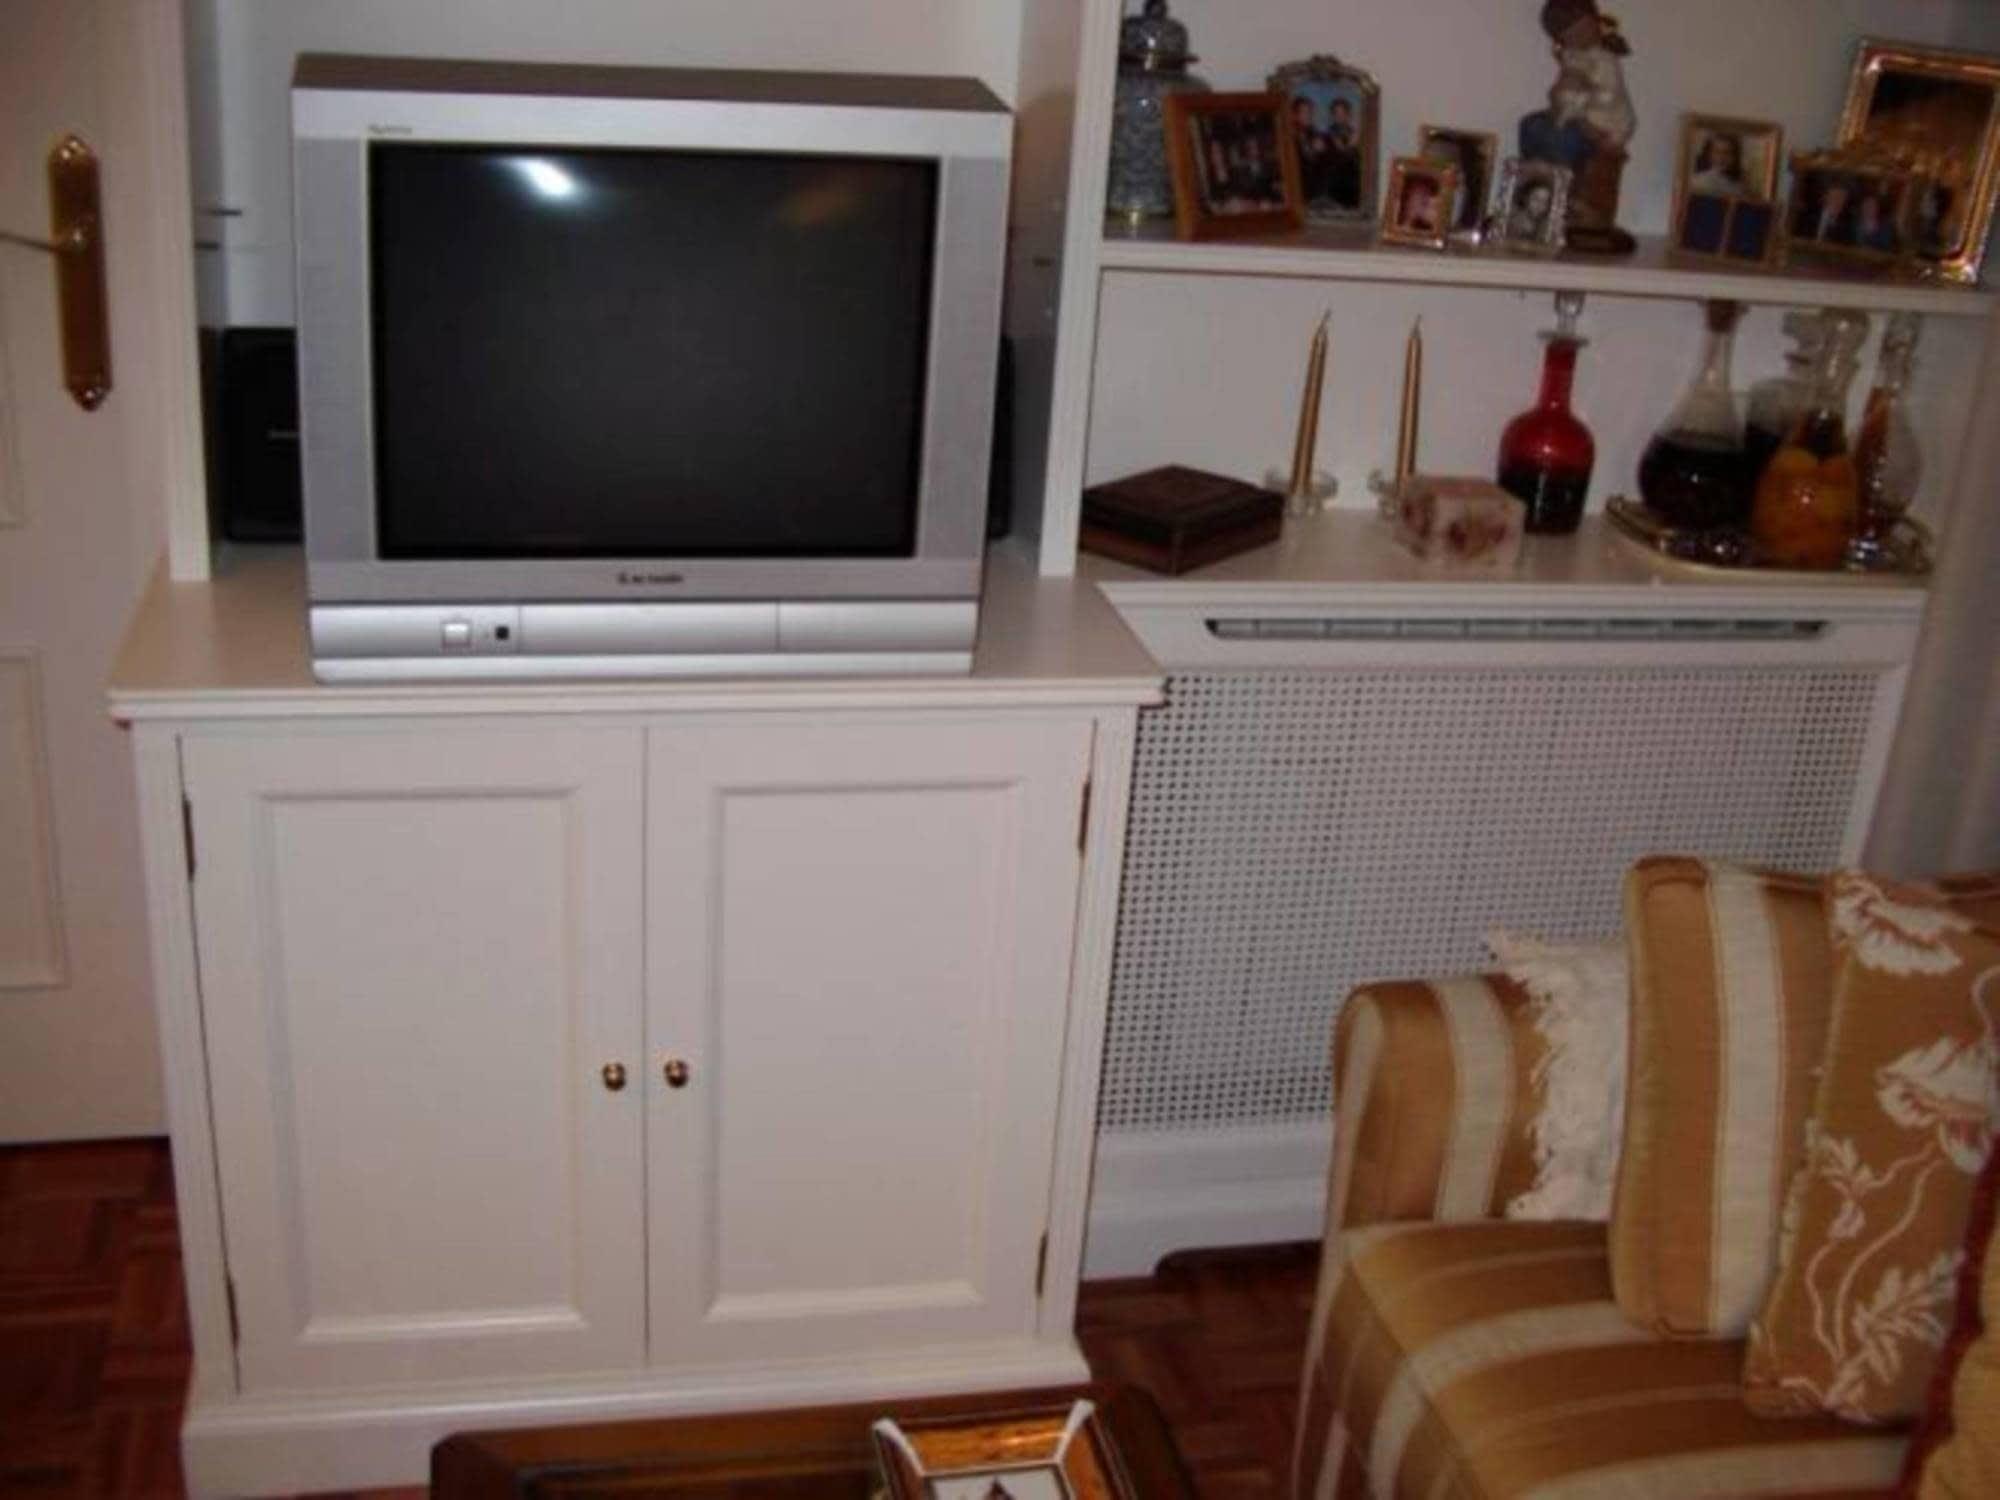 Cubreradiadores Muebles De Encargo # Muebles Cubreradiadores